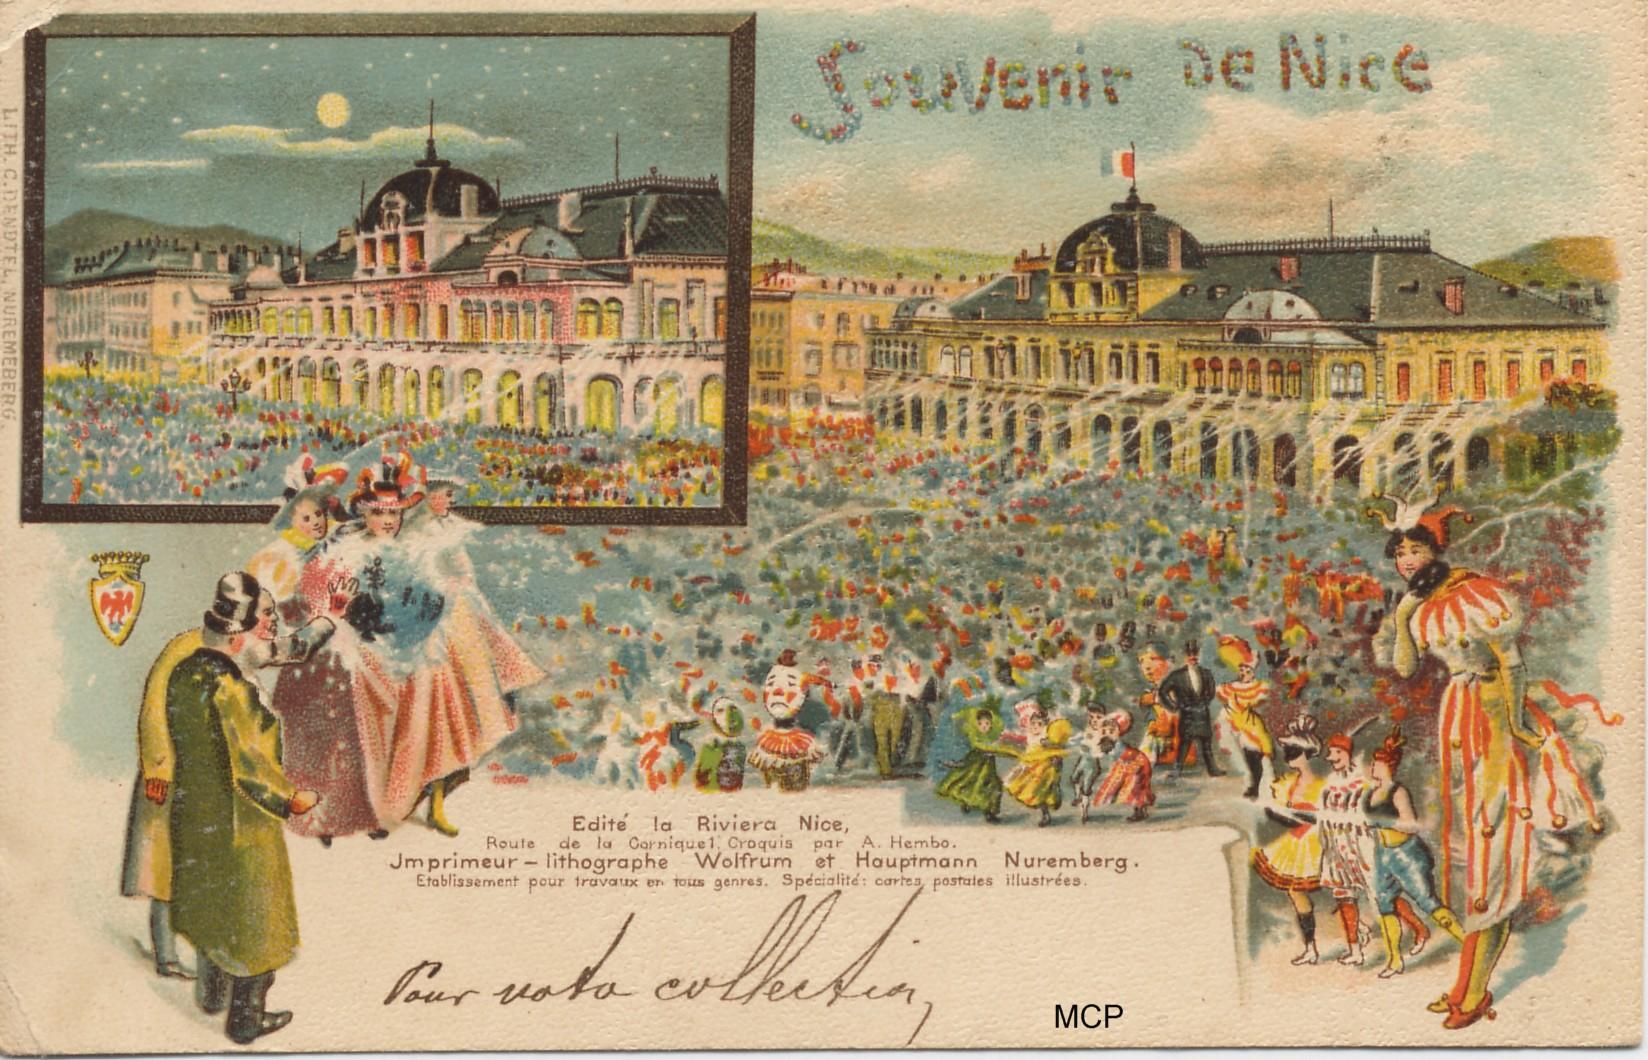 Carte postale commémorative créée par Hembo, suite à la grande exposition de cartes postales à Nice en 1899. Elle est bien sûr exposée dans le musée de la carte postale à Antibes.